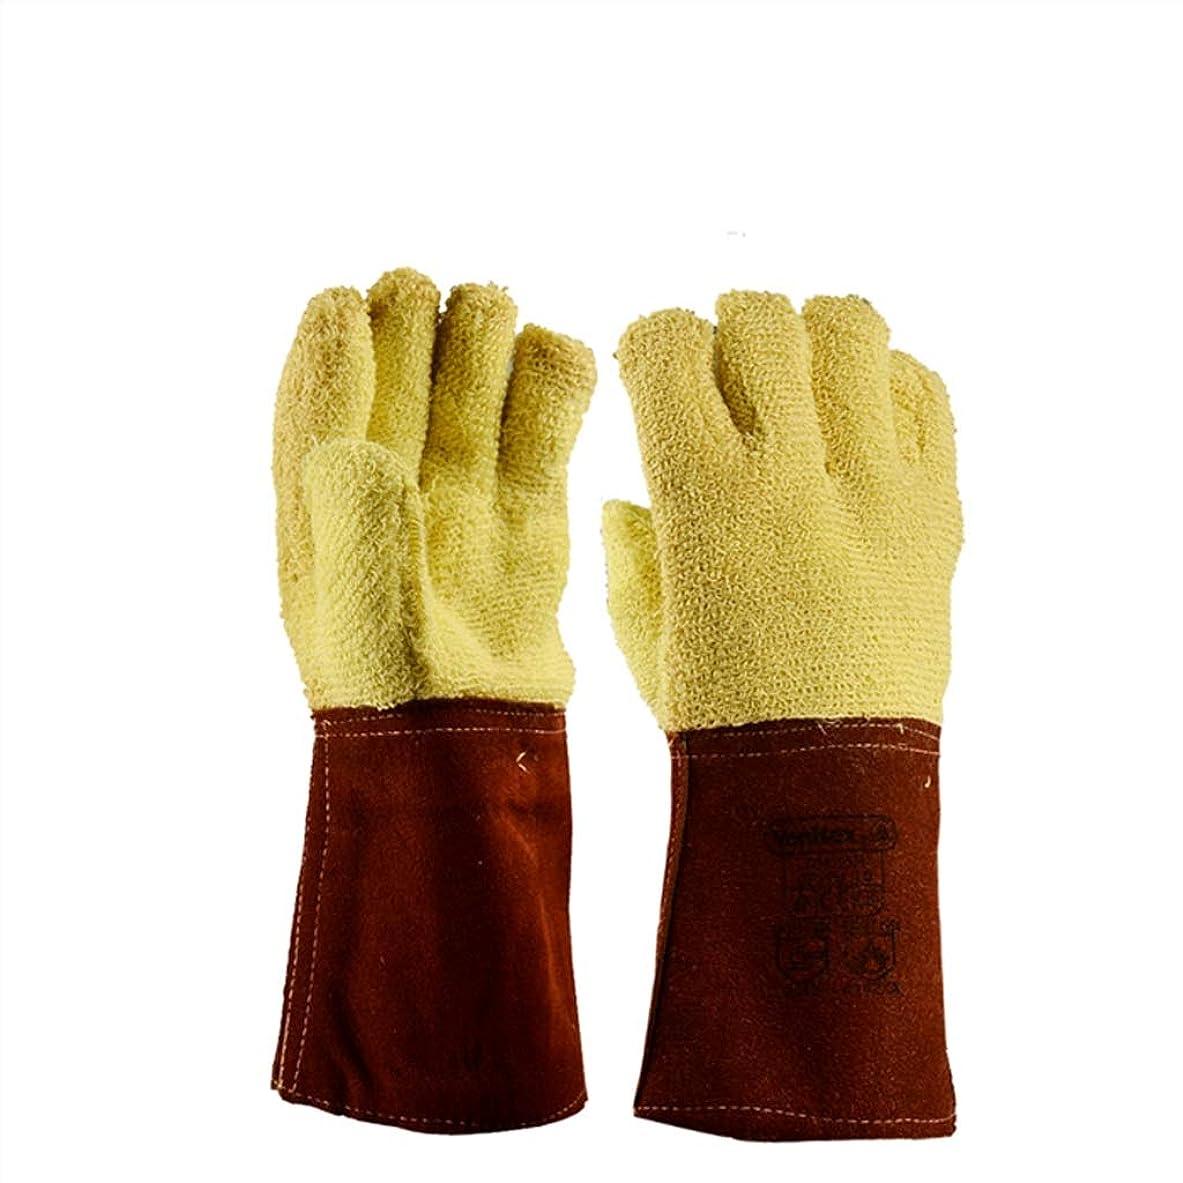 人占めるブラウンHBJP 360度高温耐性手袋、カット耐性手袋、保護手袋 手袋